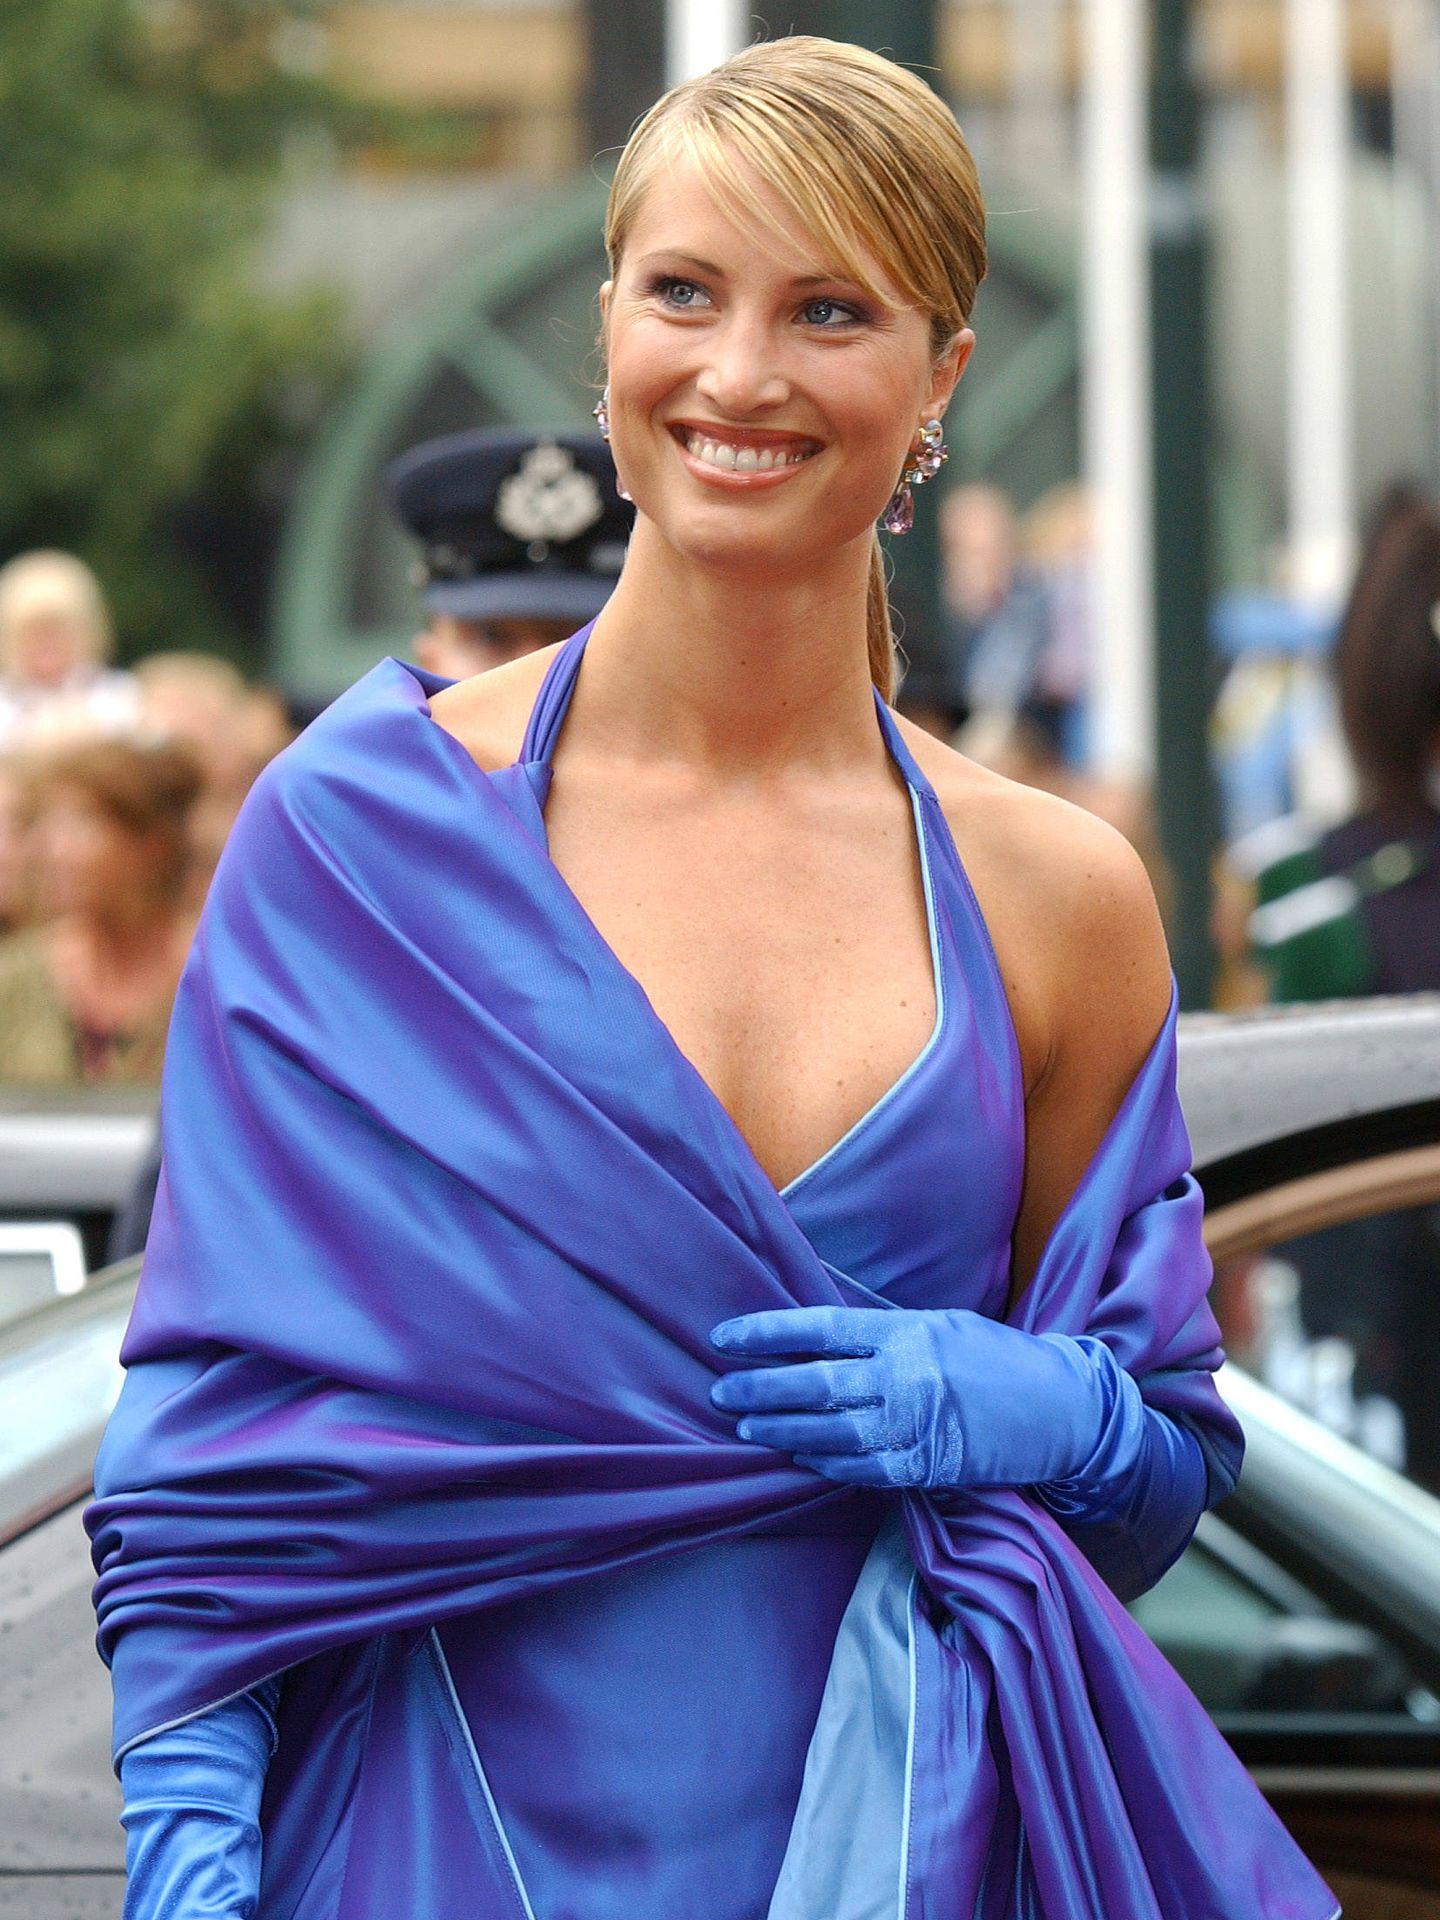 Eva Sannum, en la boda de Haakon y Mette-Marit. (Getty)